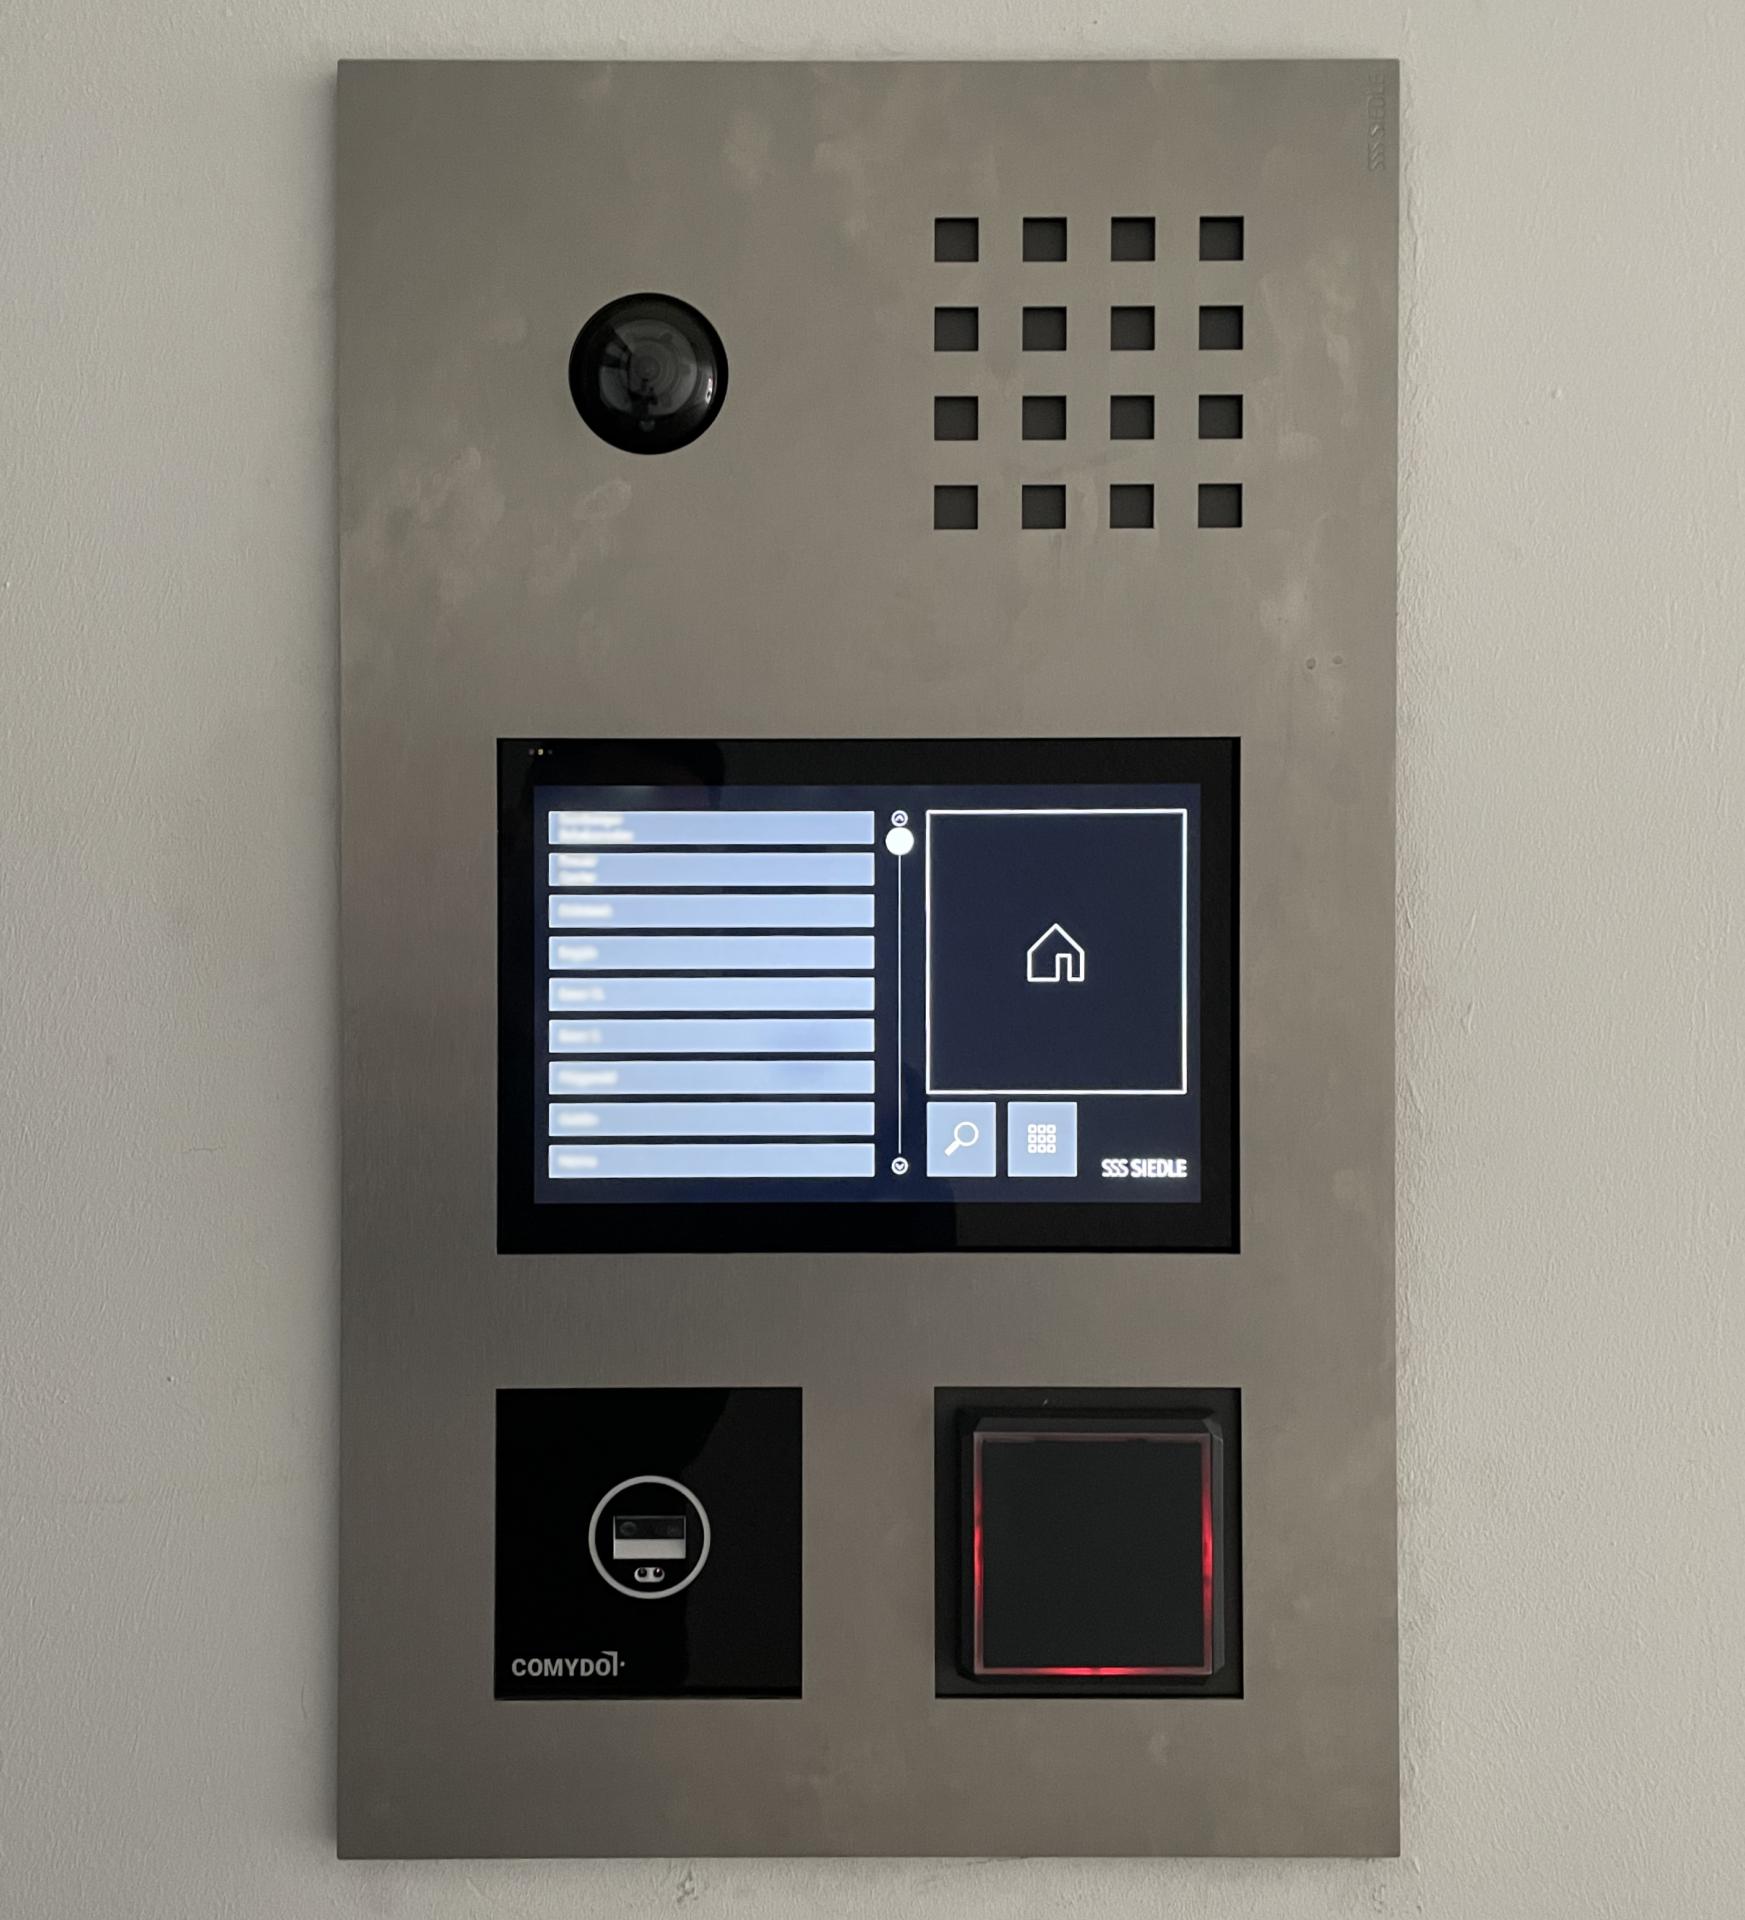 Frontalansicht eines Klingeltableaus mit integriertem Comydo Scanner